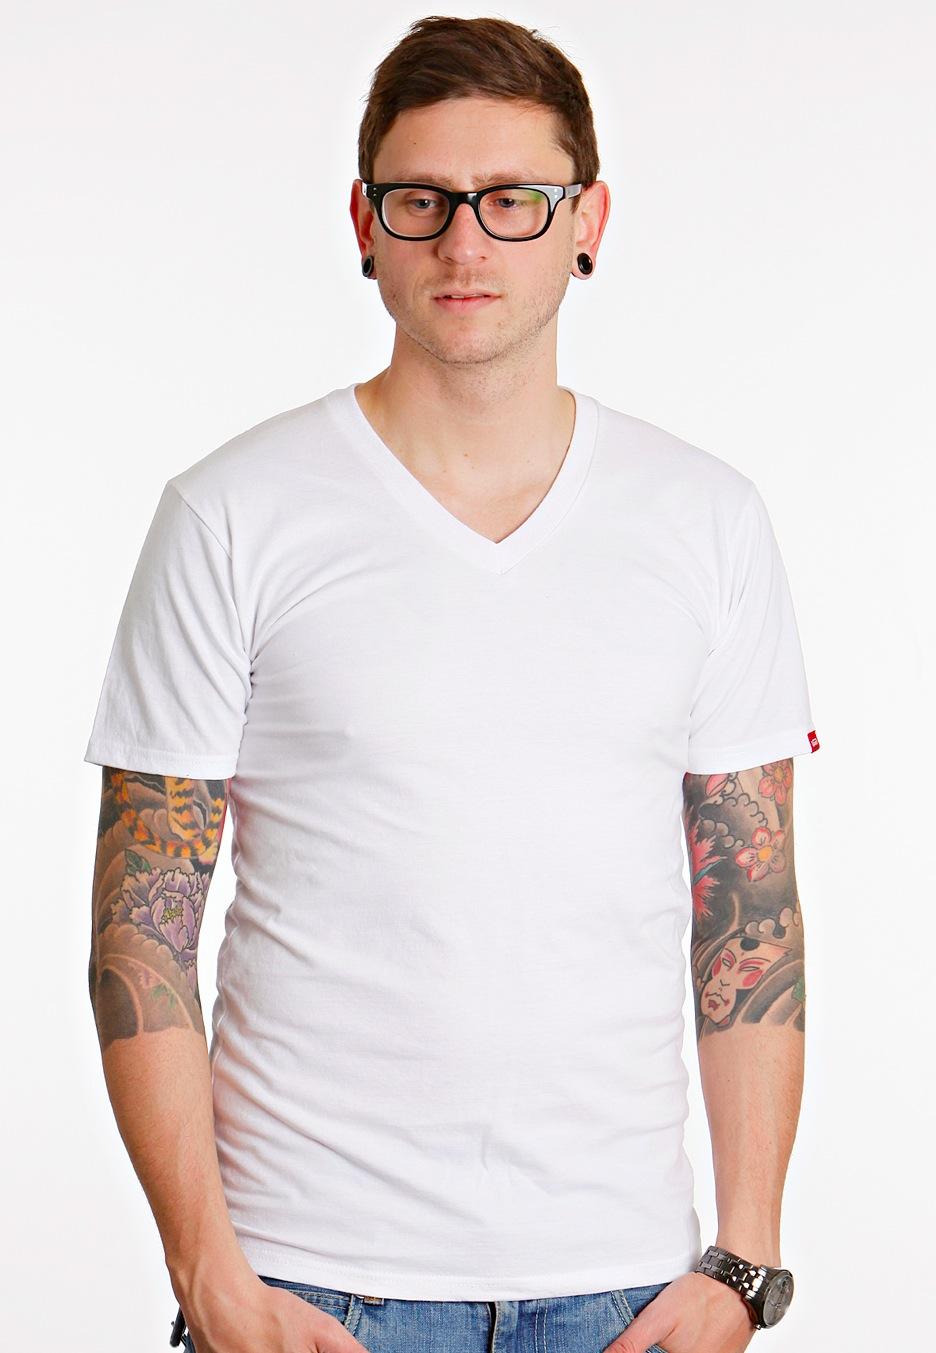 Vans basic white v neck t shirt worldwide for Best white v neck t shirt